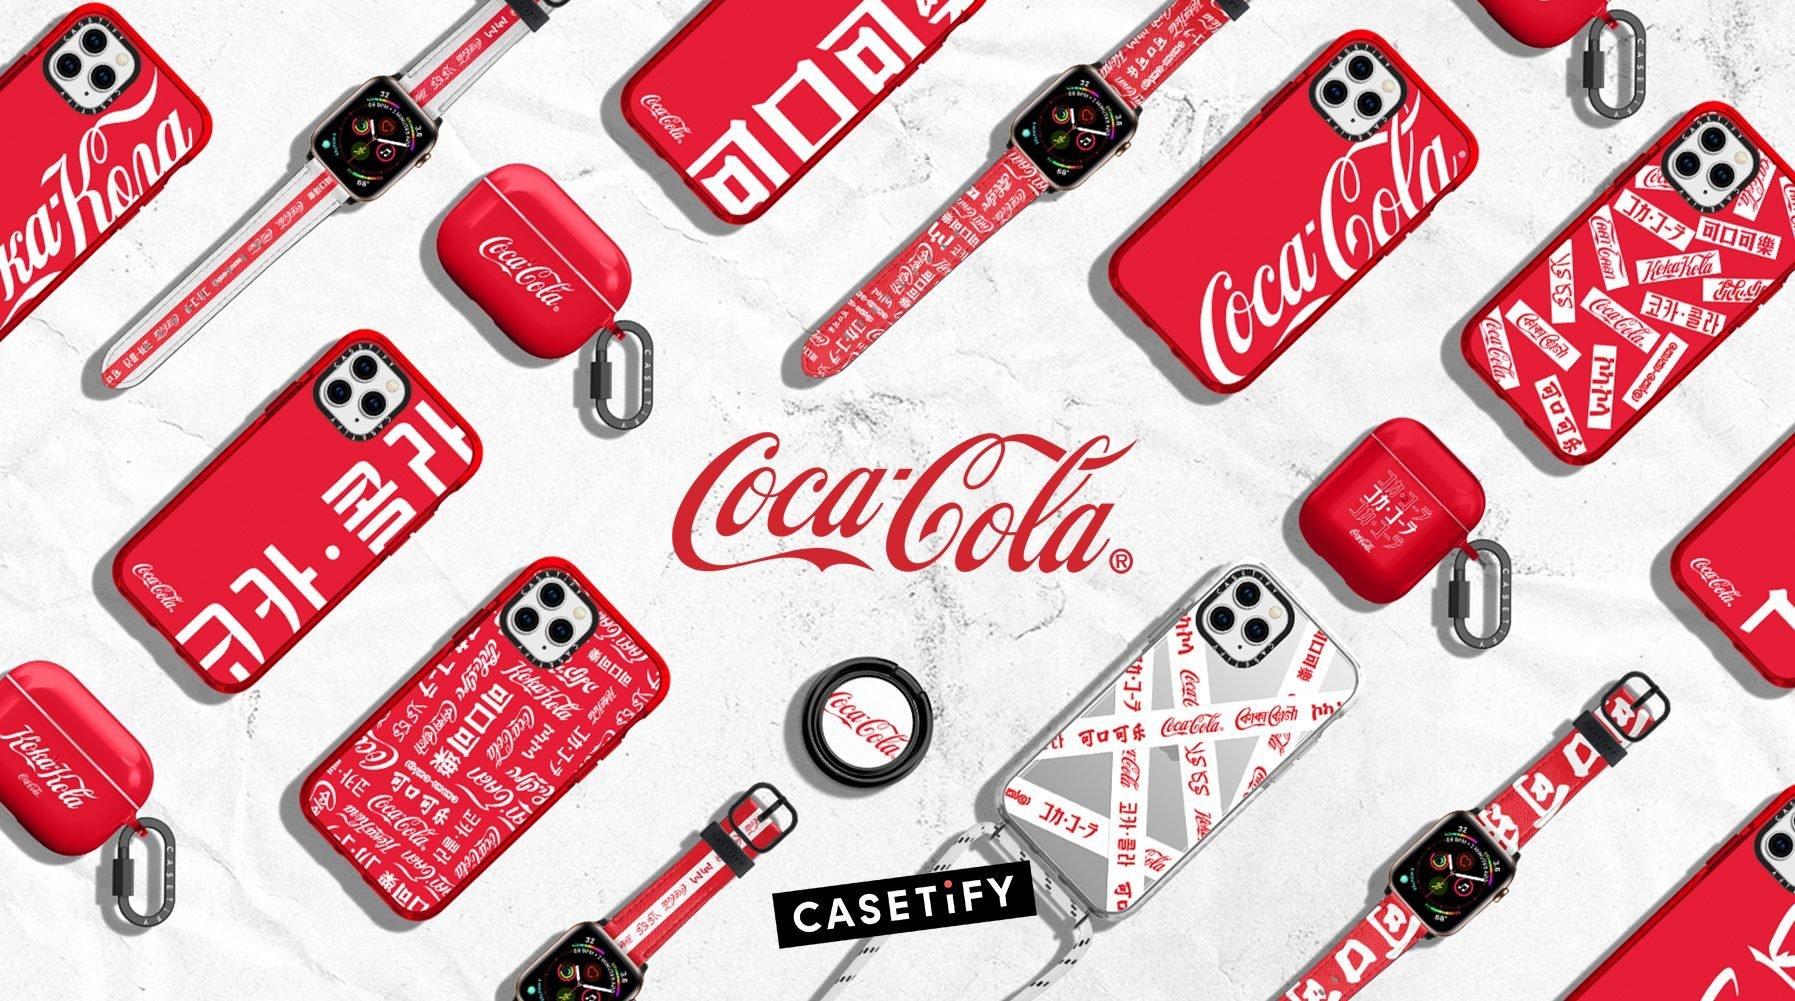 Casetify und Coca-Cola bringen iPhone-Schutzhülle und Apple-Watch-Armbänder